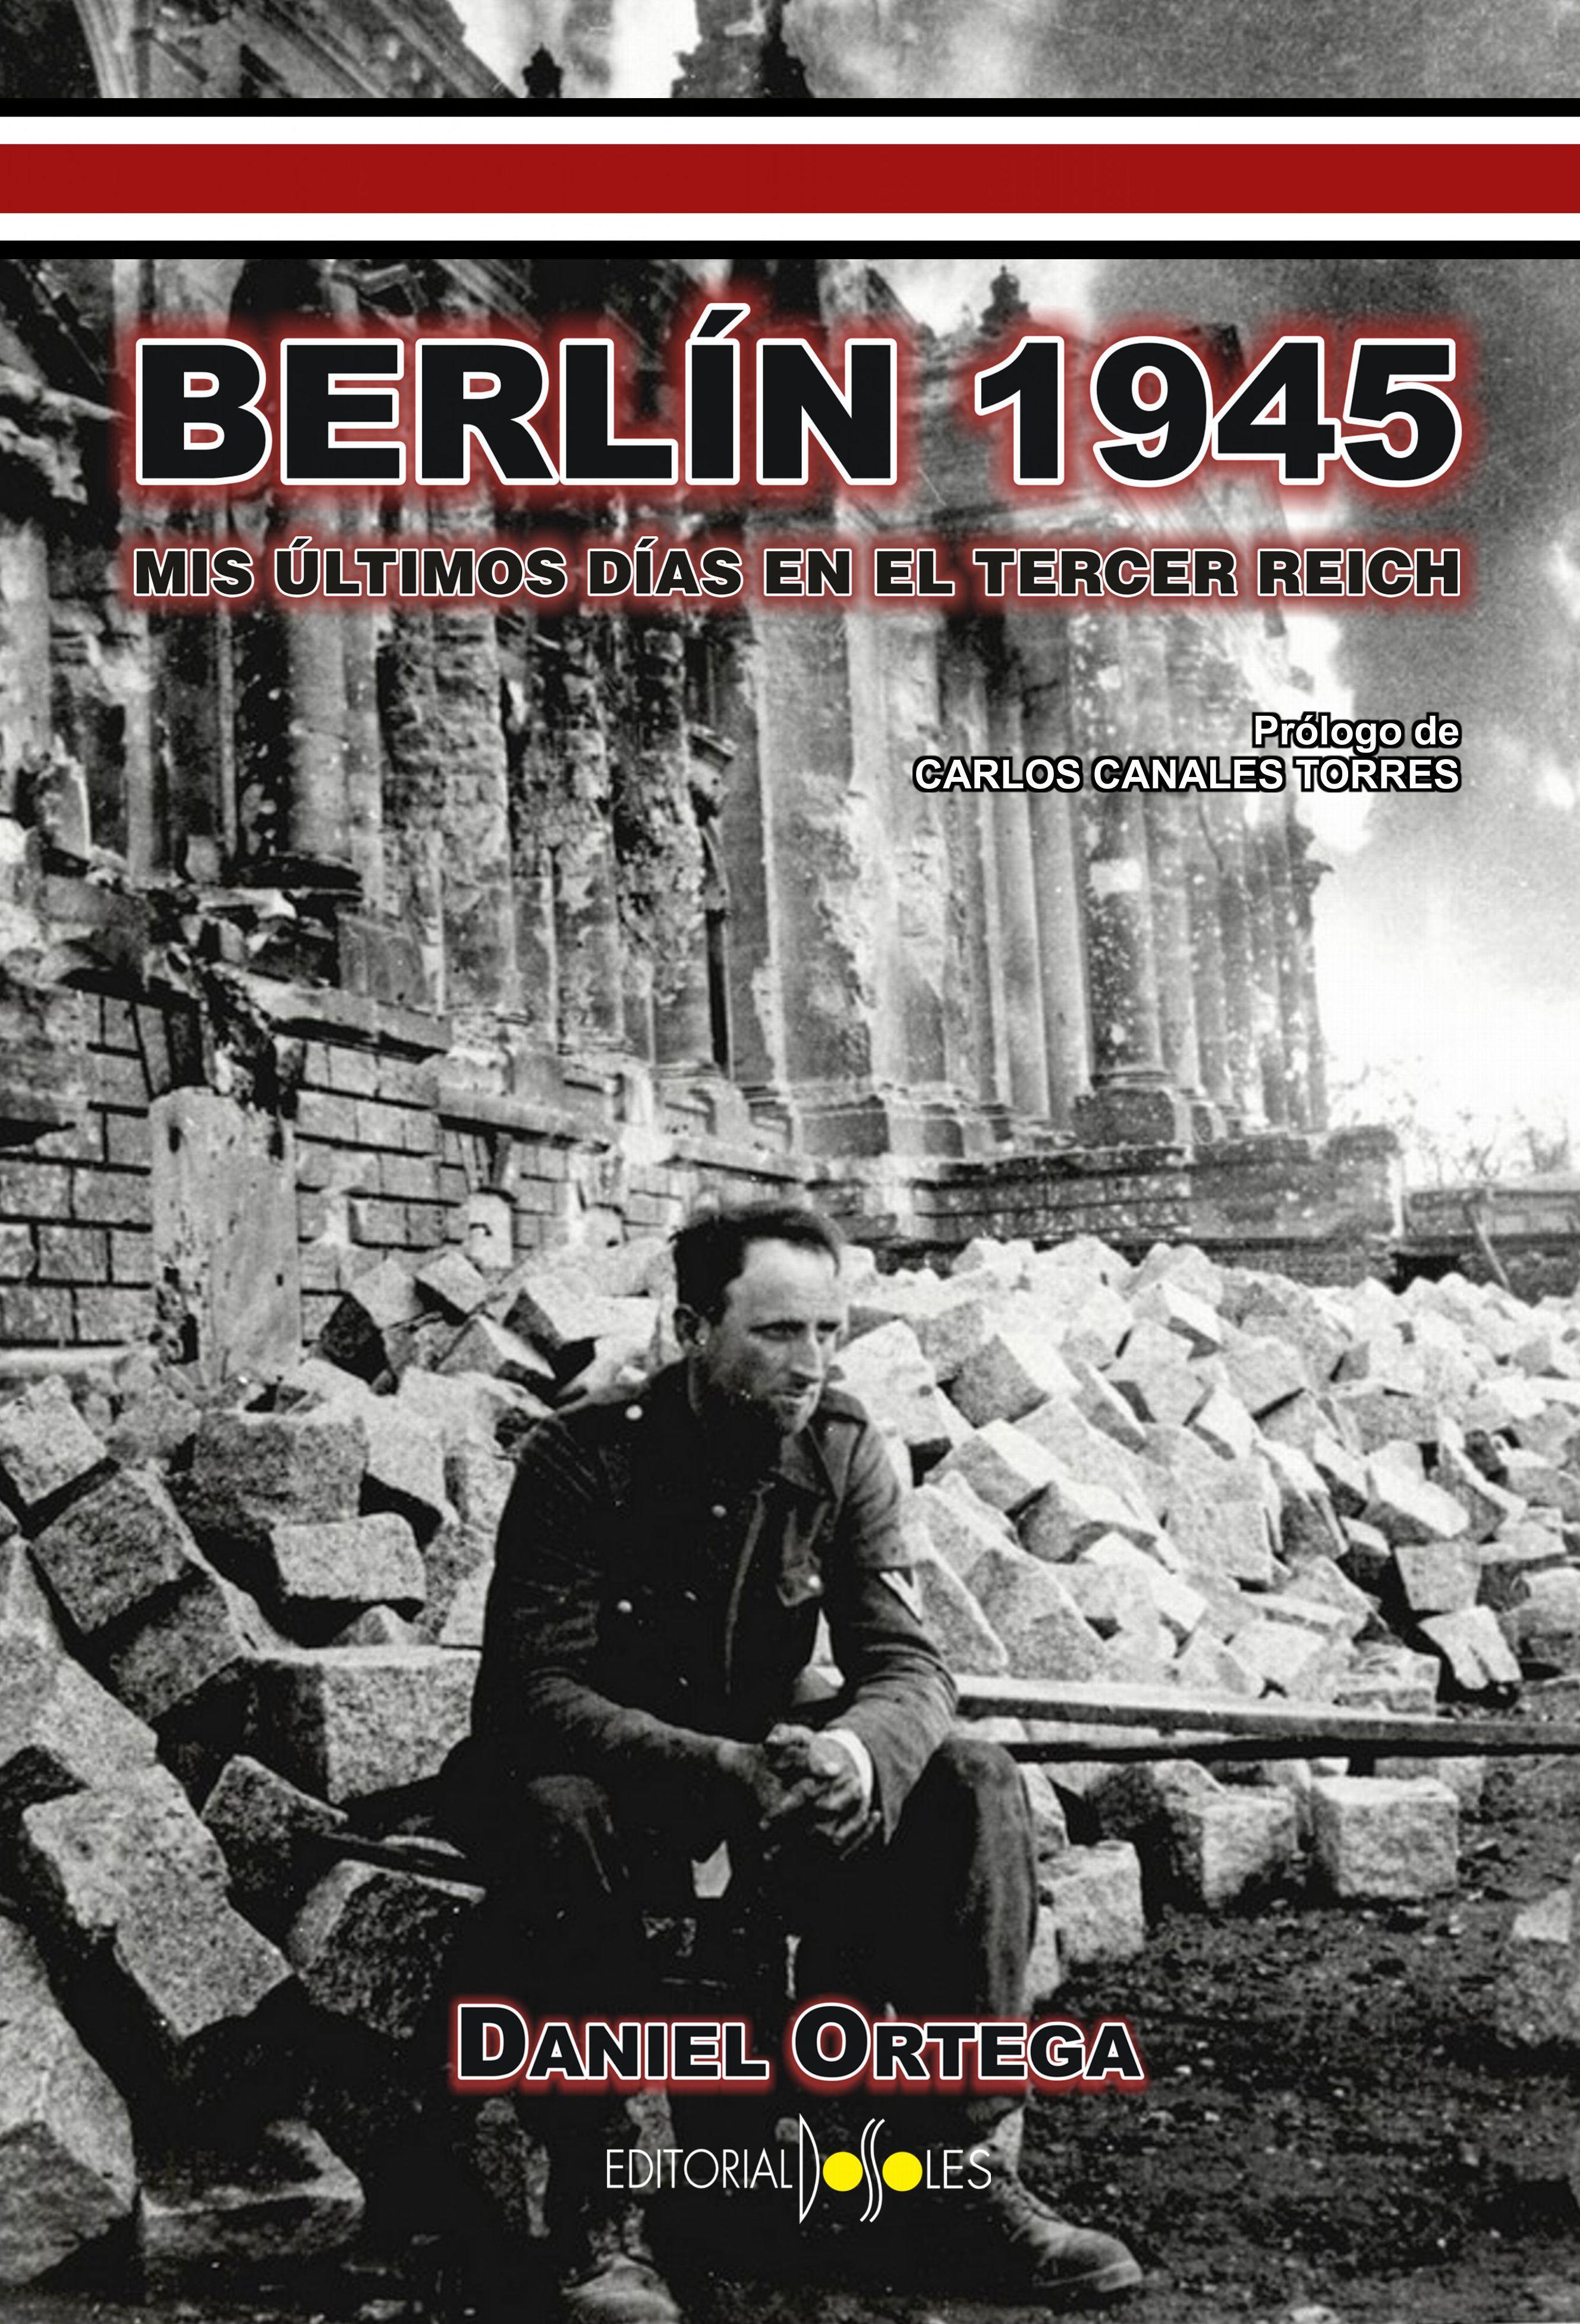 BERLIN 1945 - Mis últimos días en el Tercer Reich (Daniel Ortega - 669.40.91.36) Promo